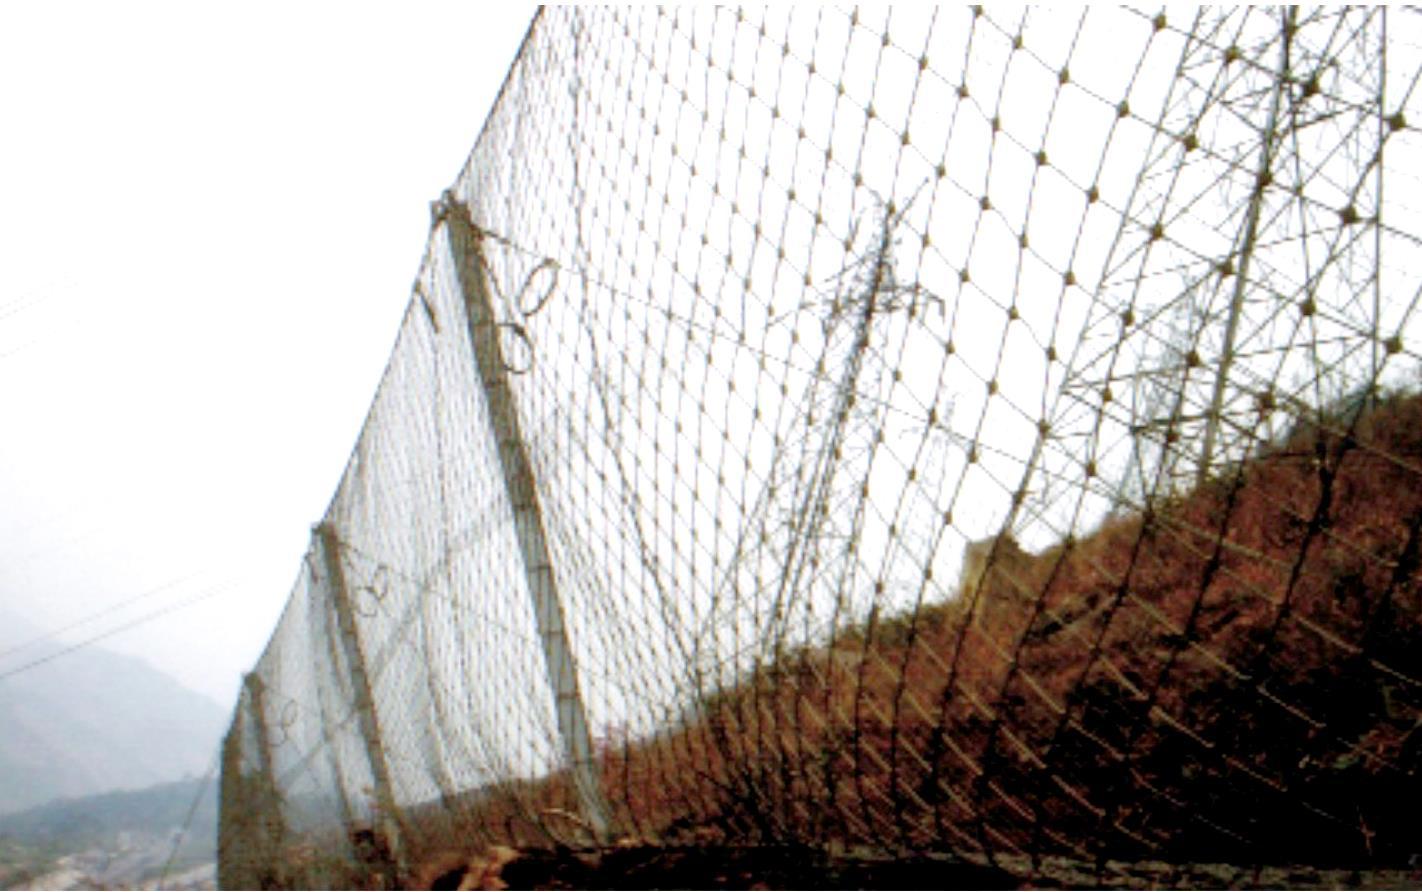 文山rx075被动防护网供应商